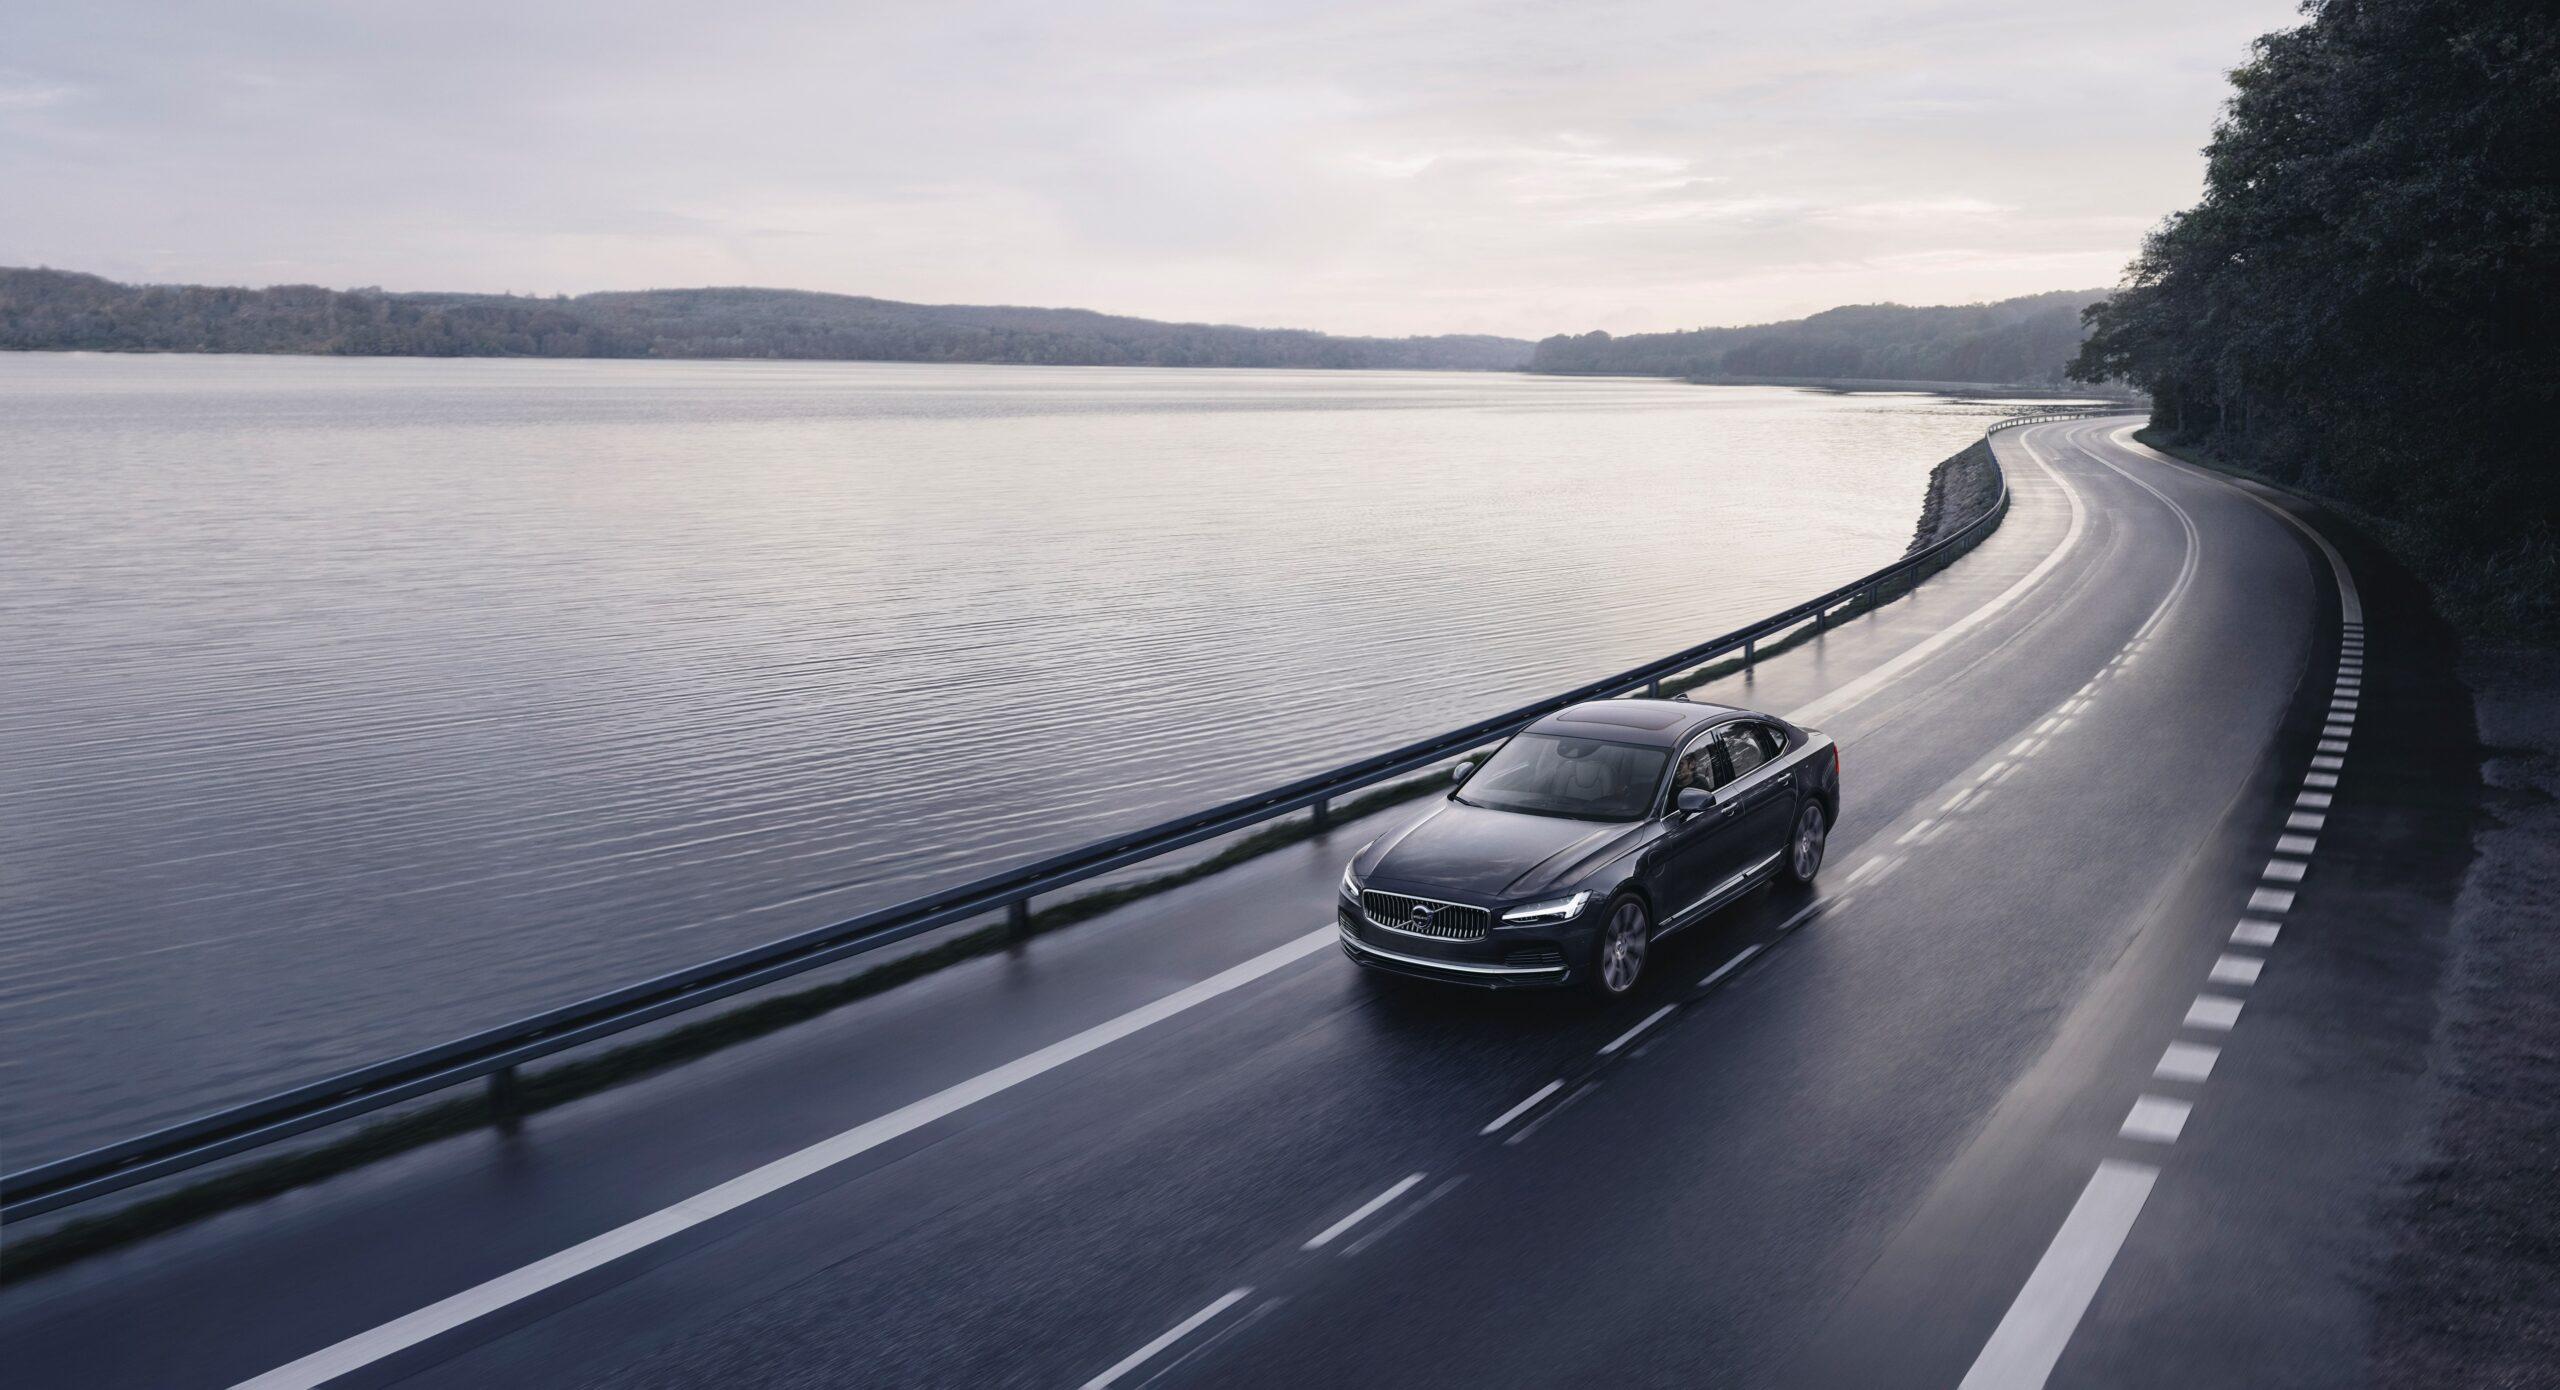 ¿Sirven los limitadores de velocidad en los autos para reducir accidentes?